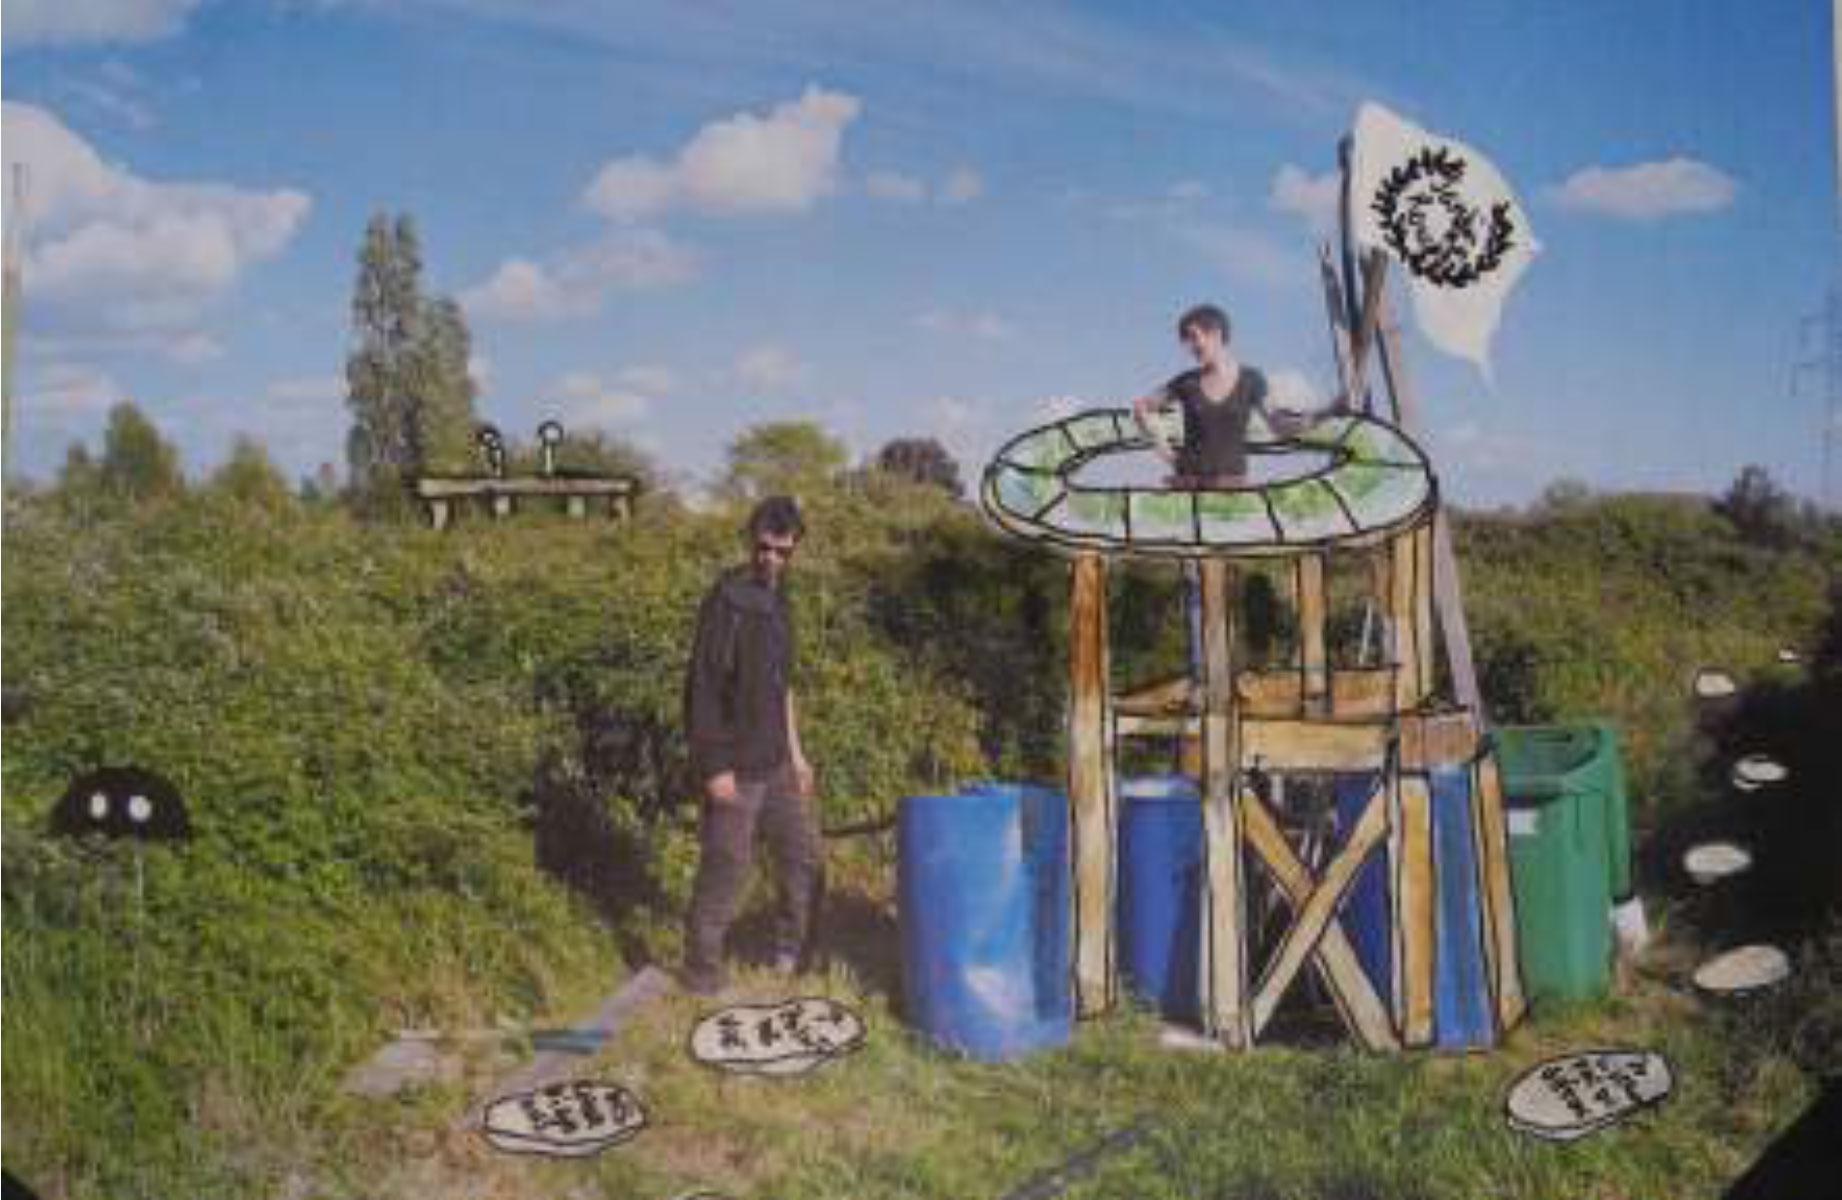 La Ceramique S'invite Aux Ronces Jardin Collectif Autogere